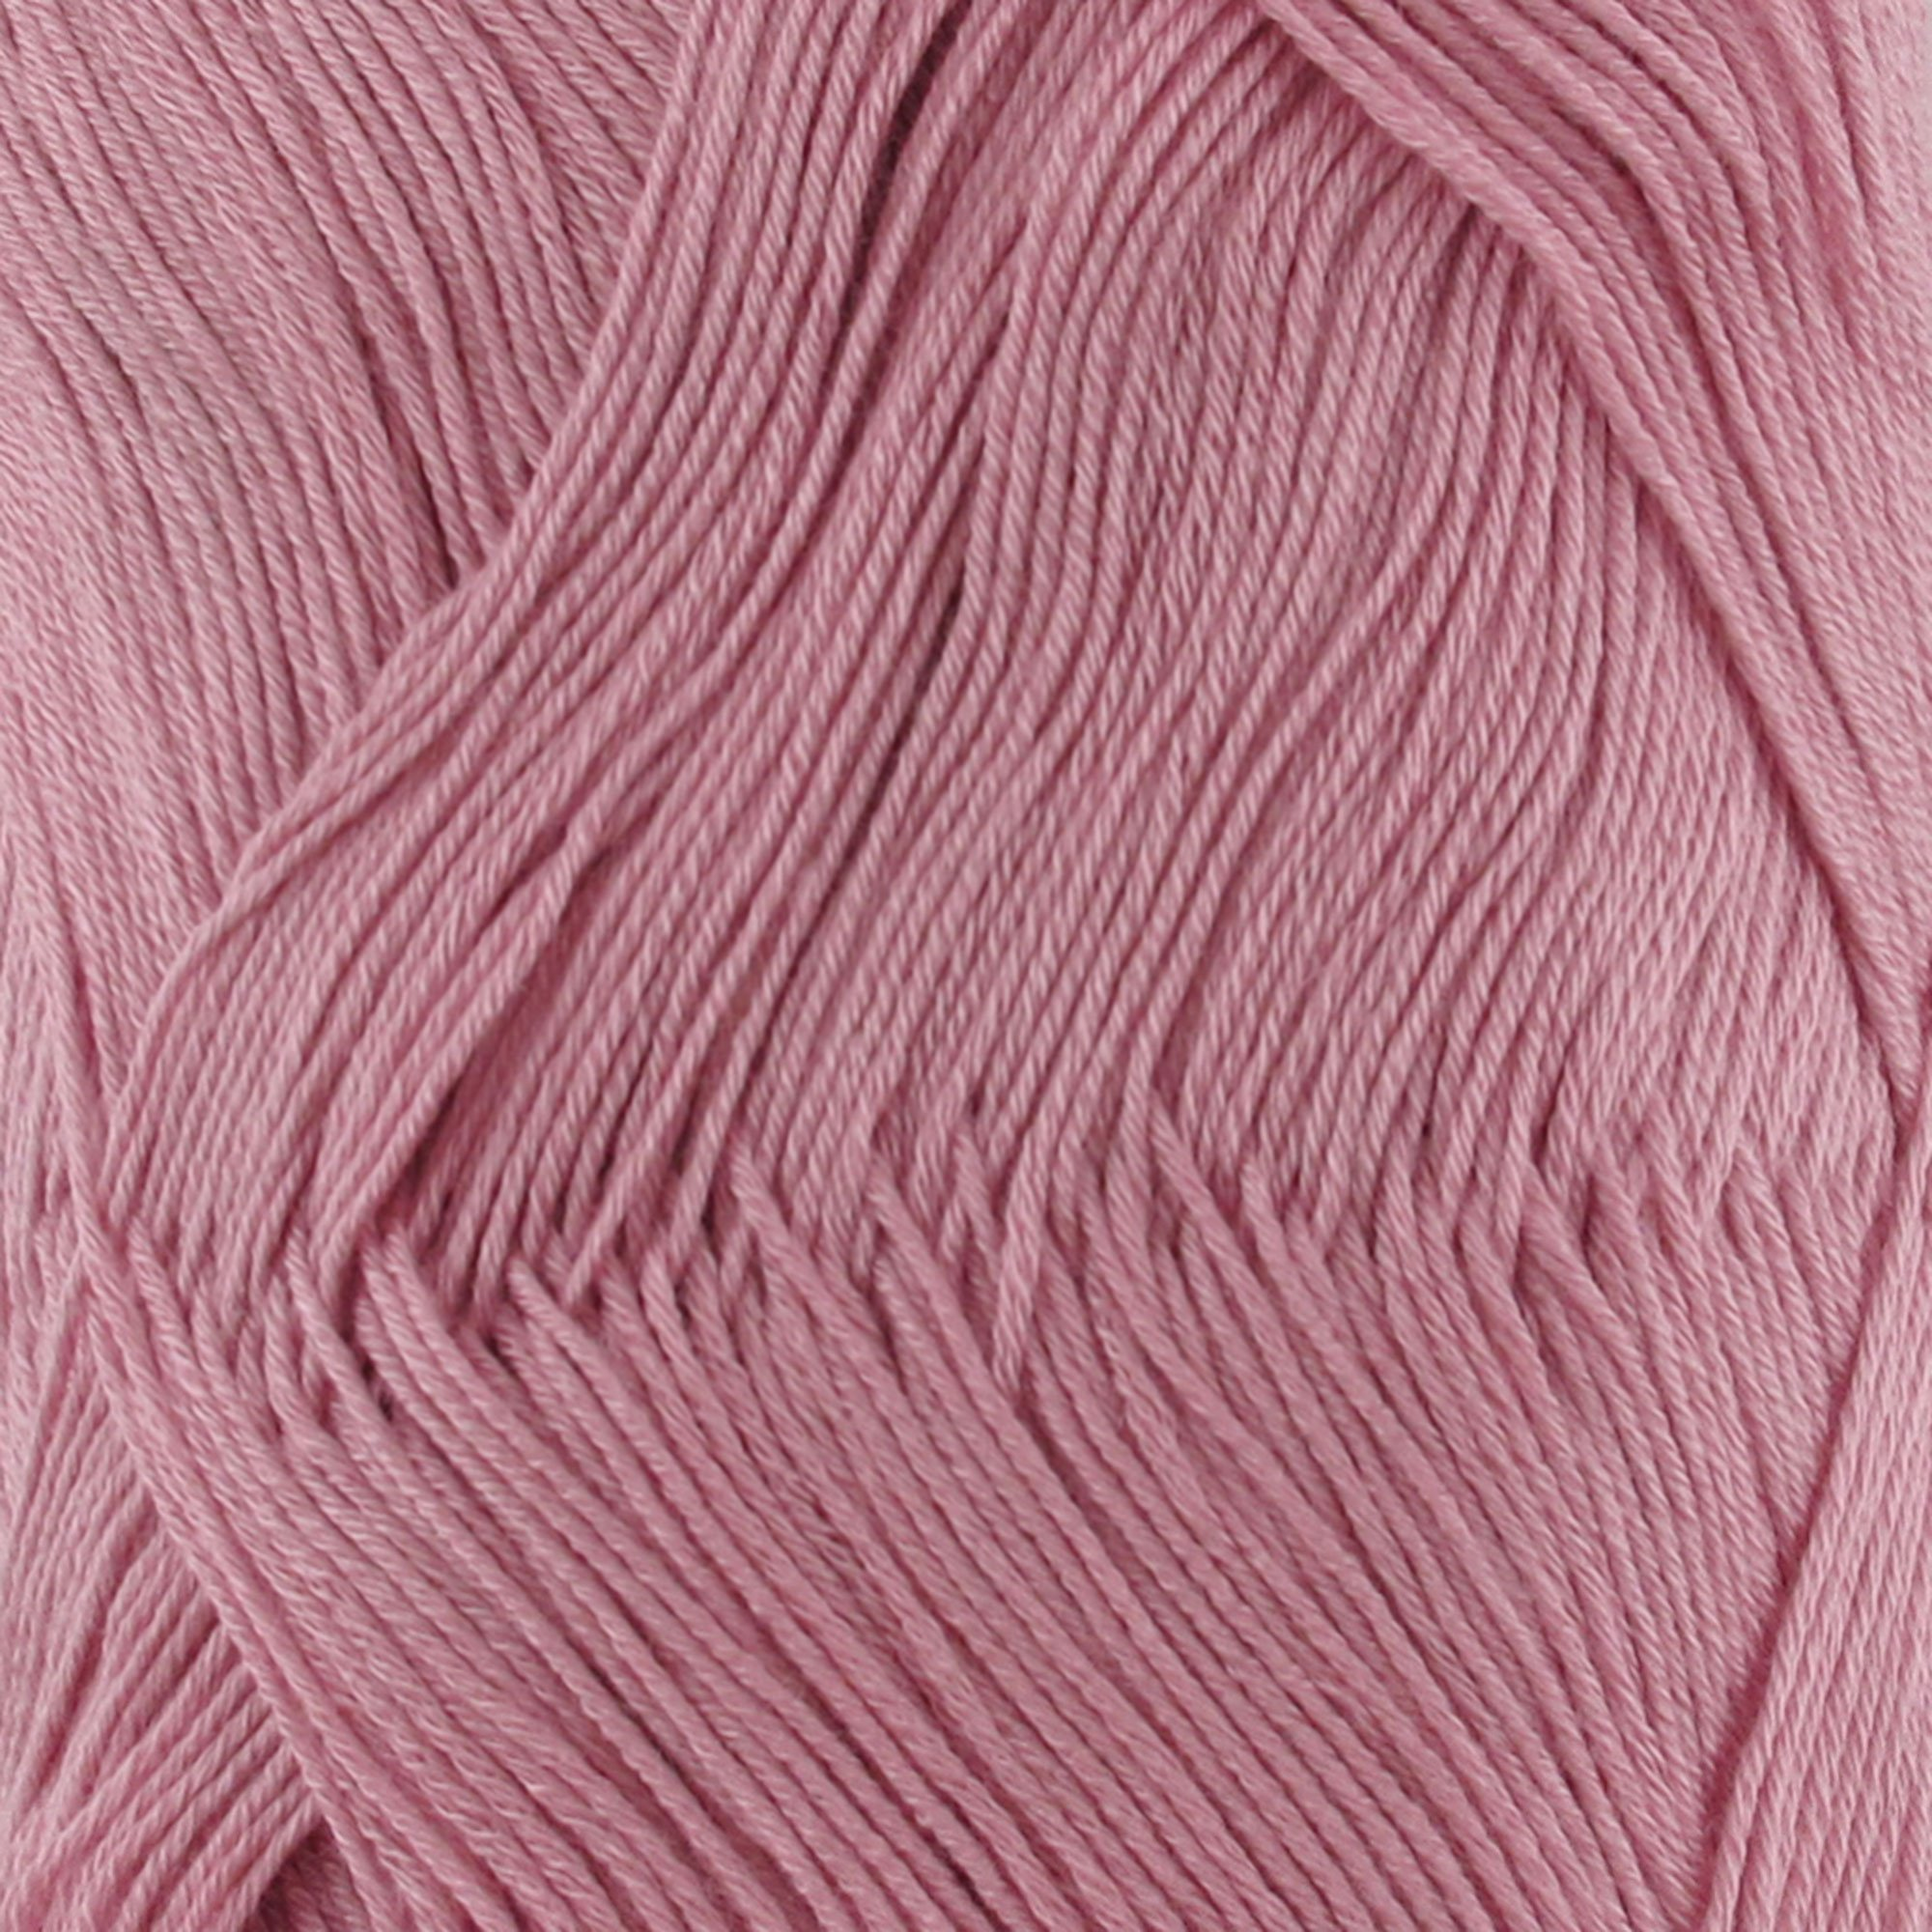 Super Fine Weight Rayon from Bamboo Fiber Yarn - Victorian Pink - 2 Skeins - 50g/Skein - BambooMN Brand